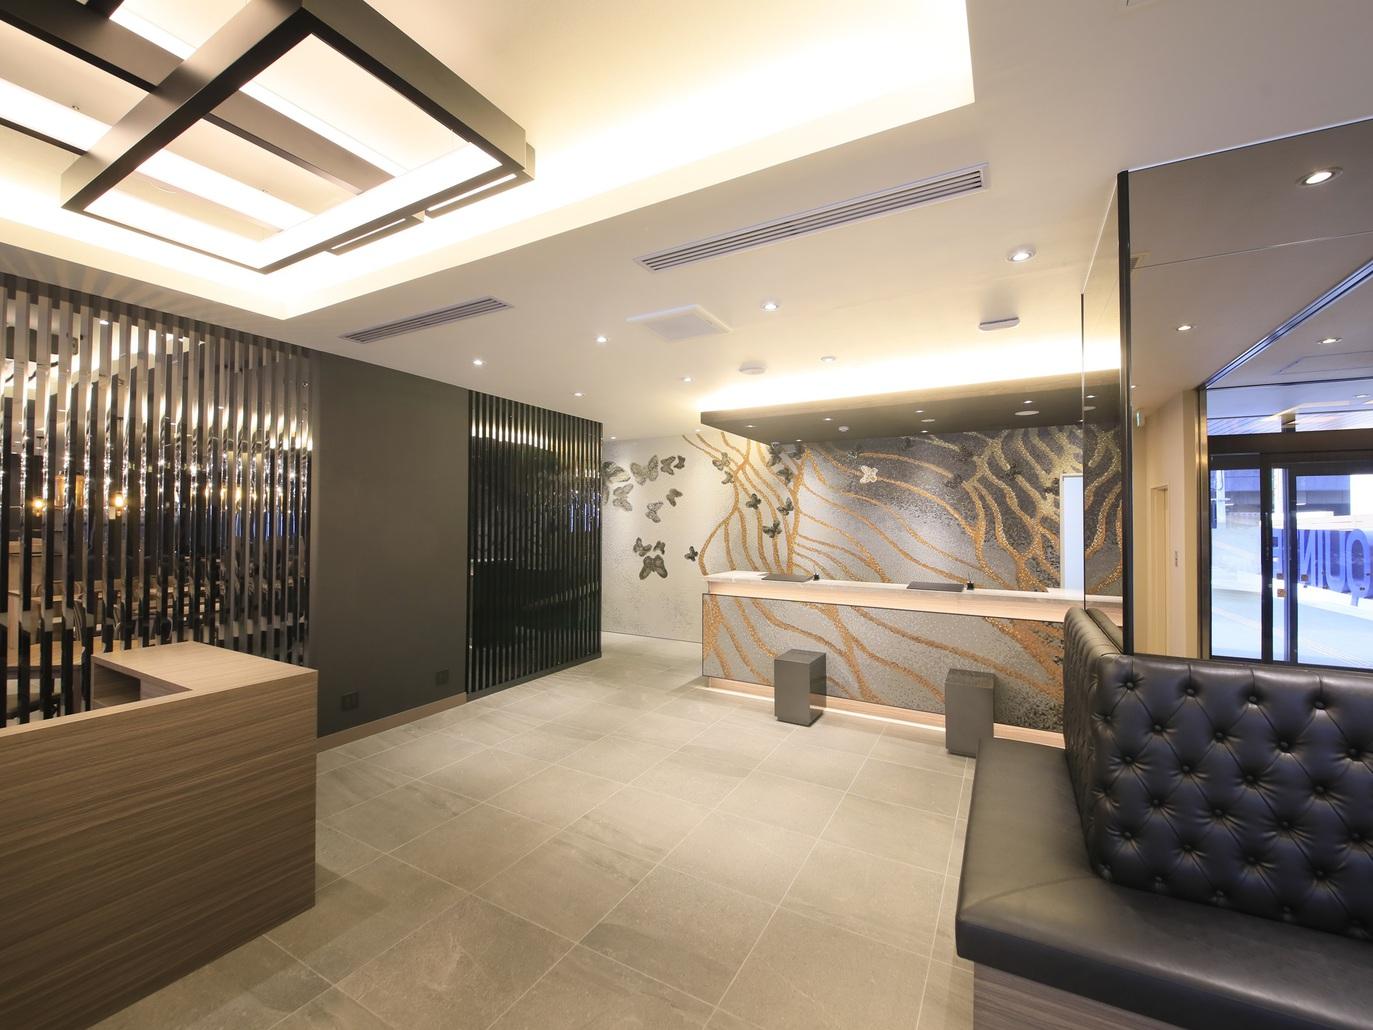 フロント・ロビー / Front・Lobby